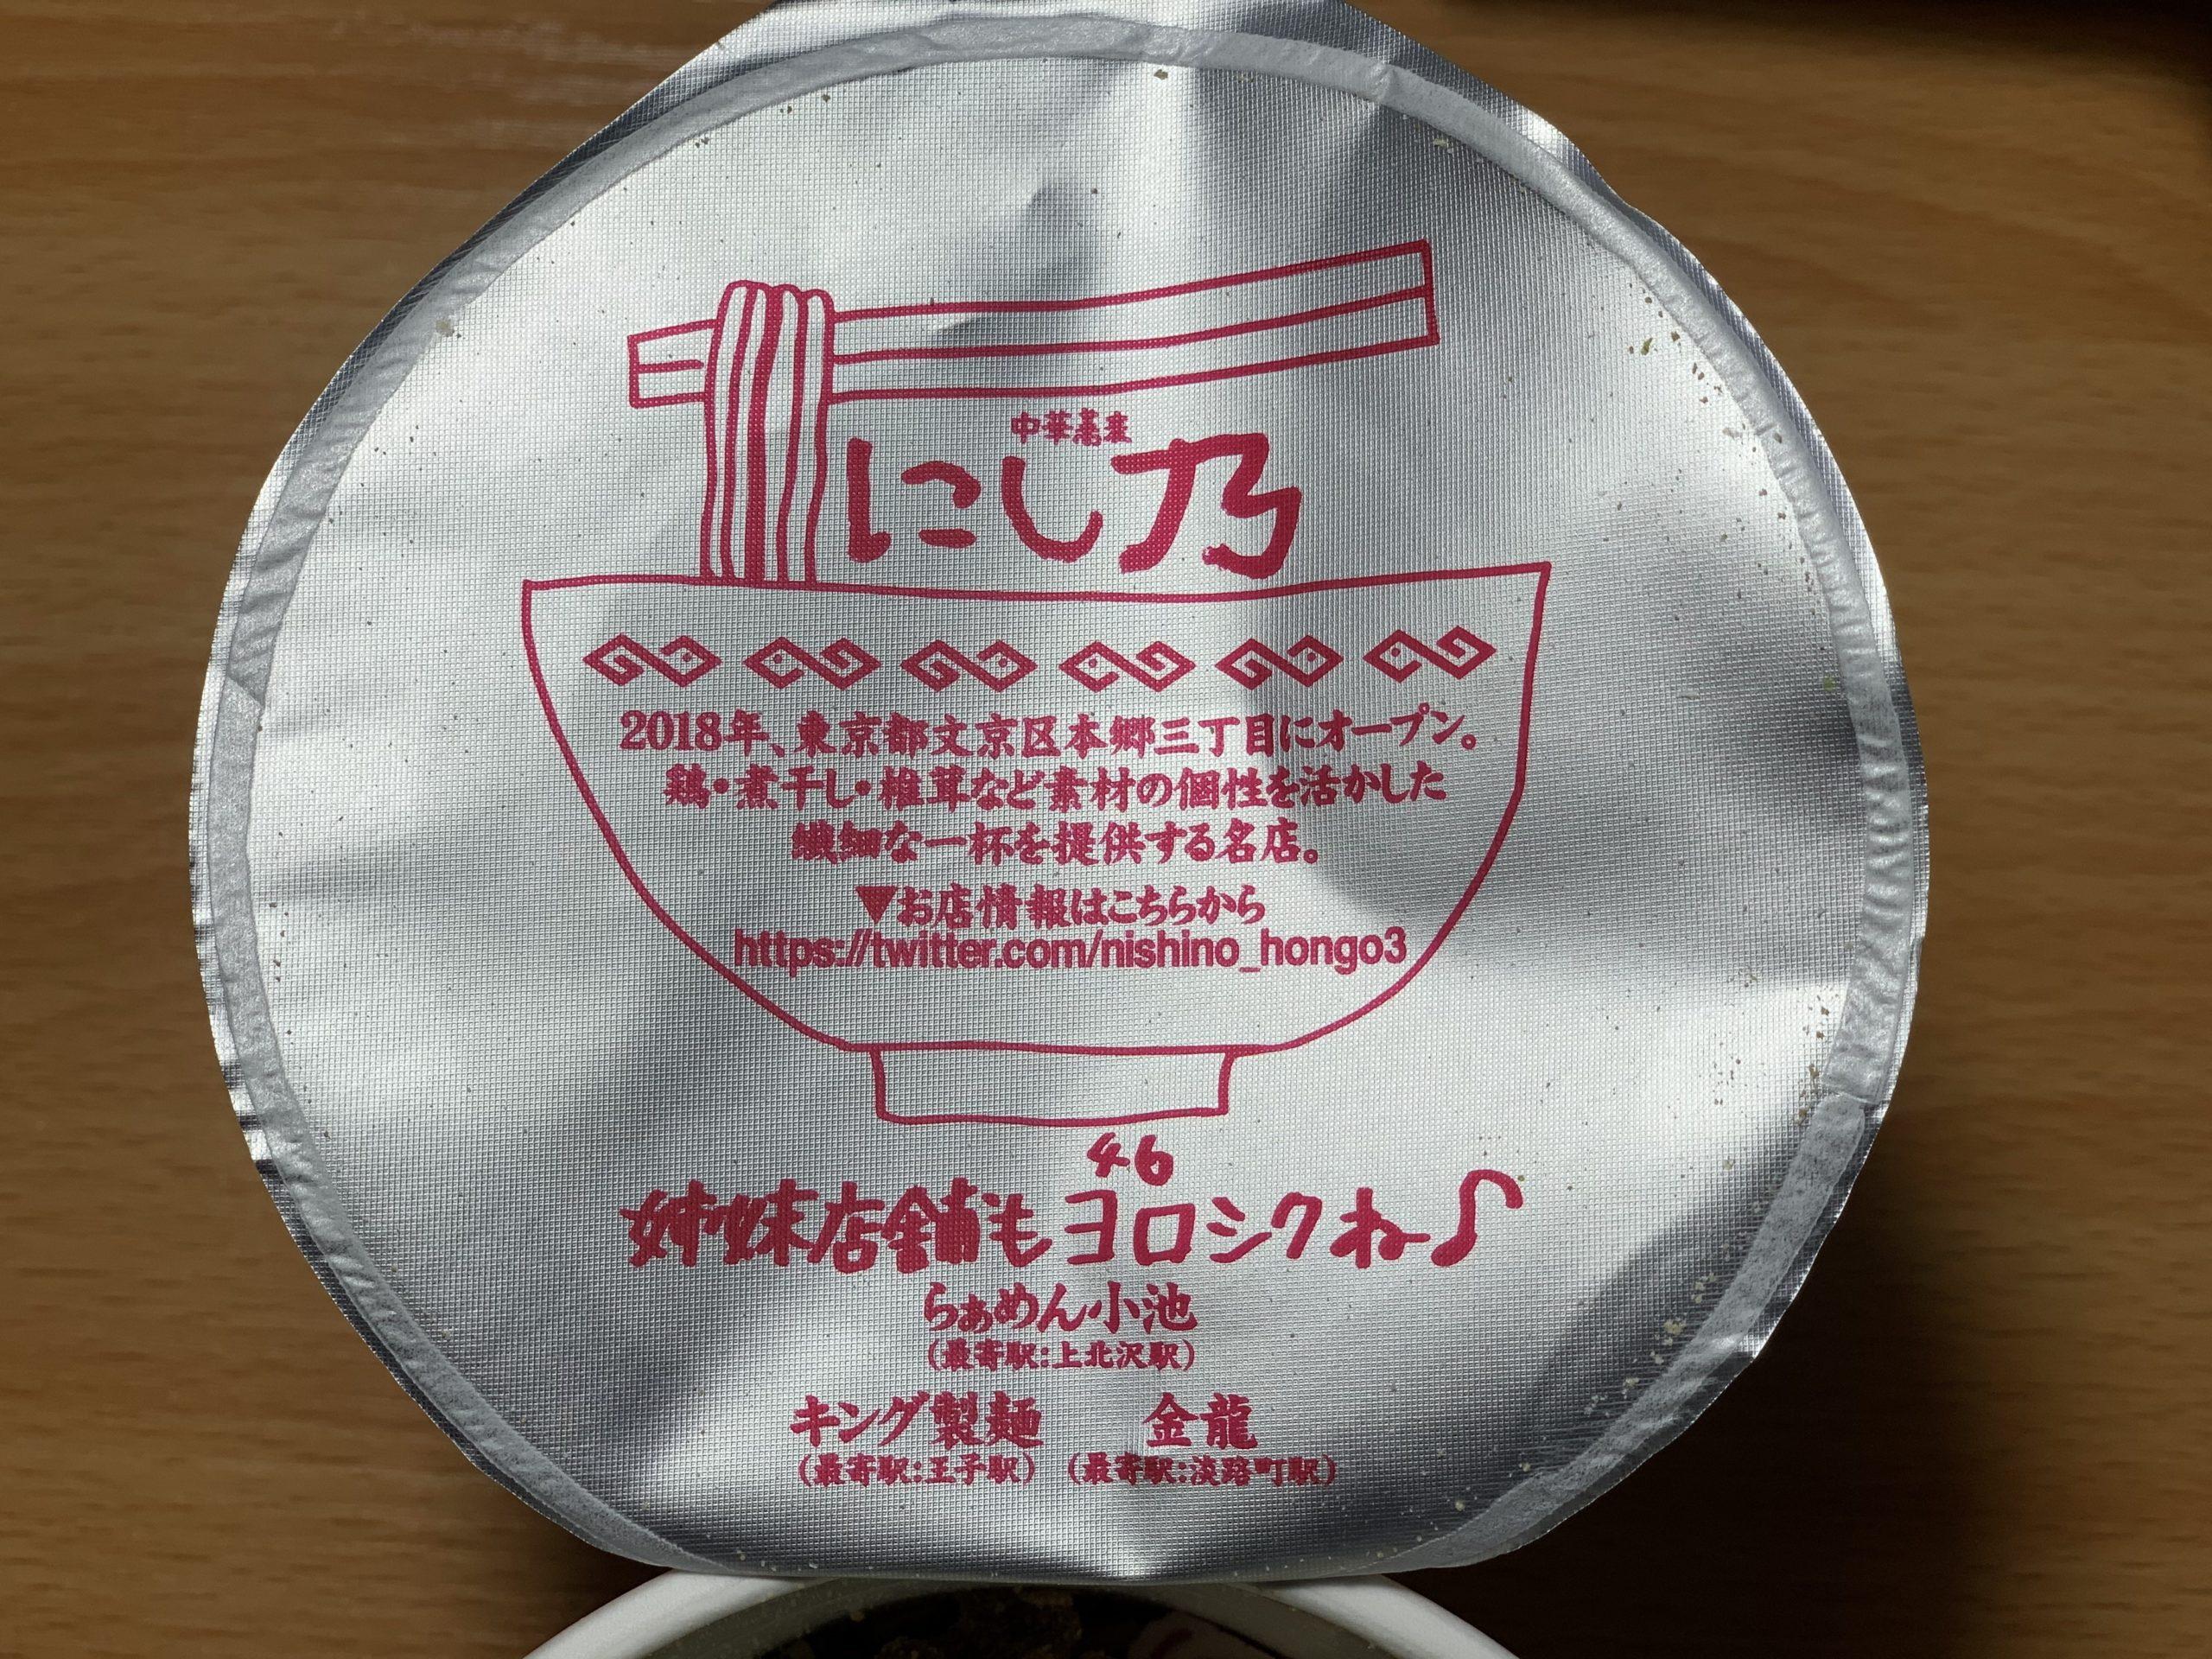 にし乃カップ麺の姉妹店の紹介